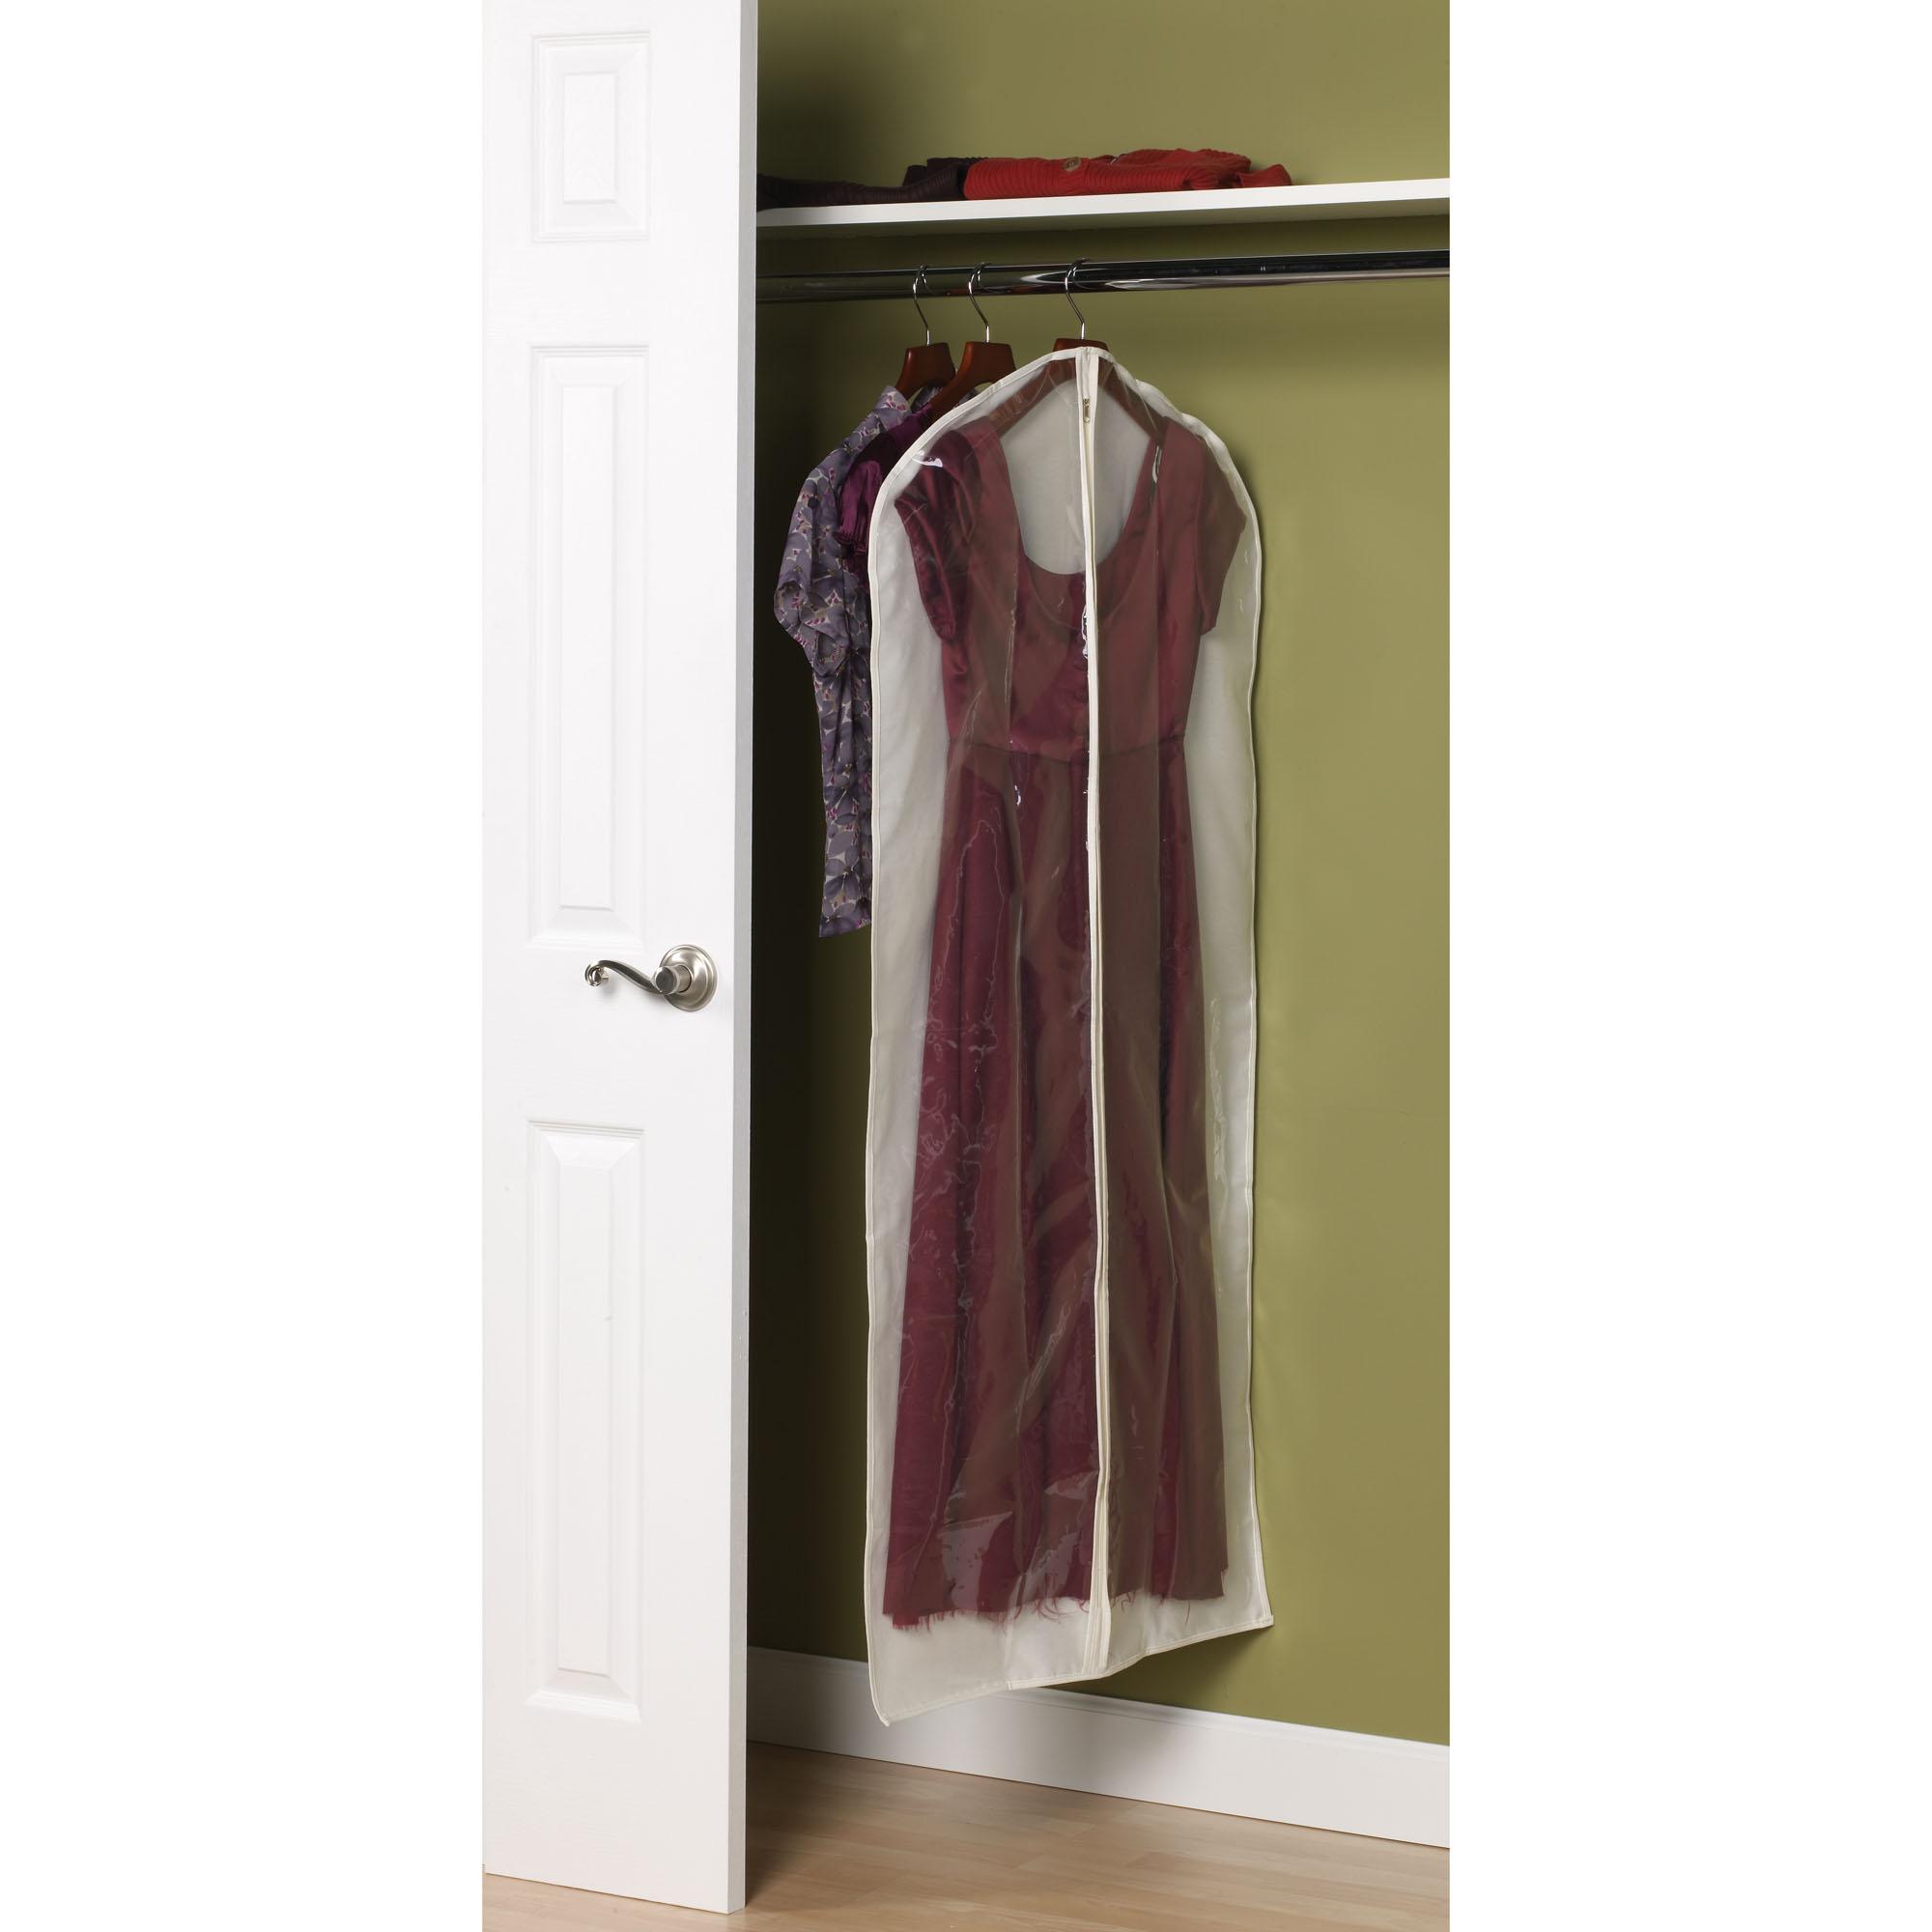 Klädöverdrag till klänning